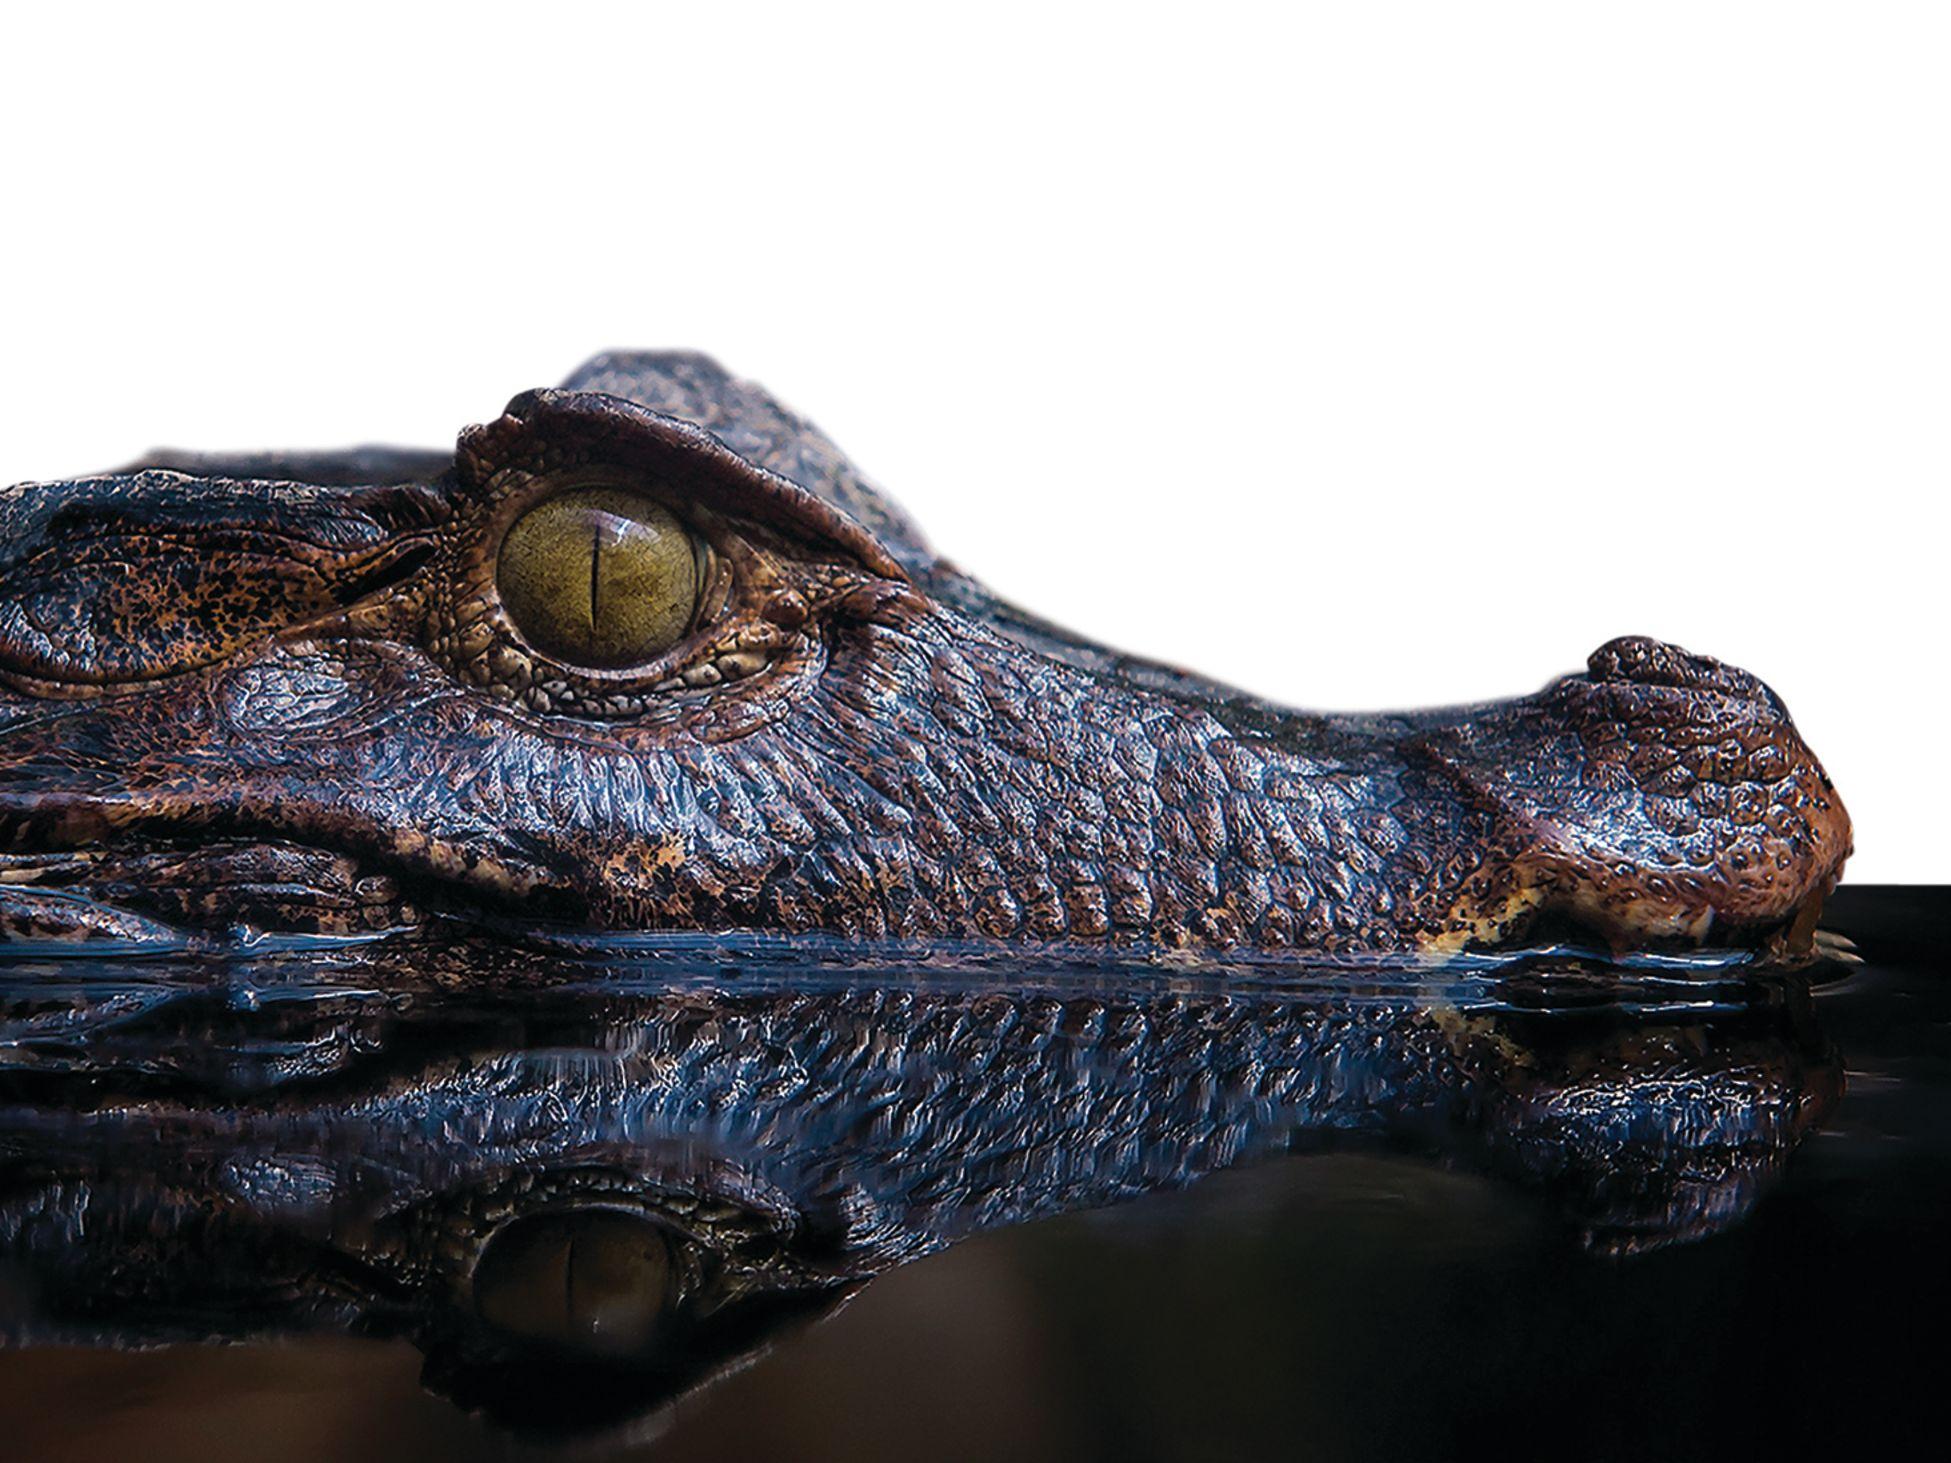 Alligator ihnhtw